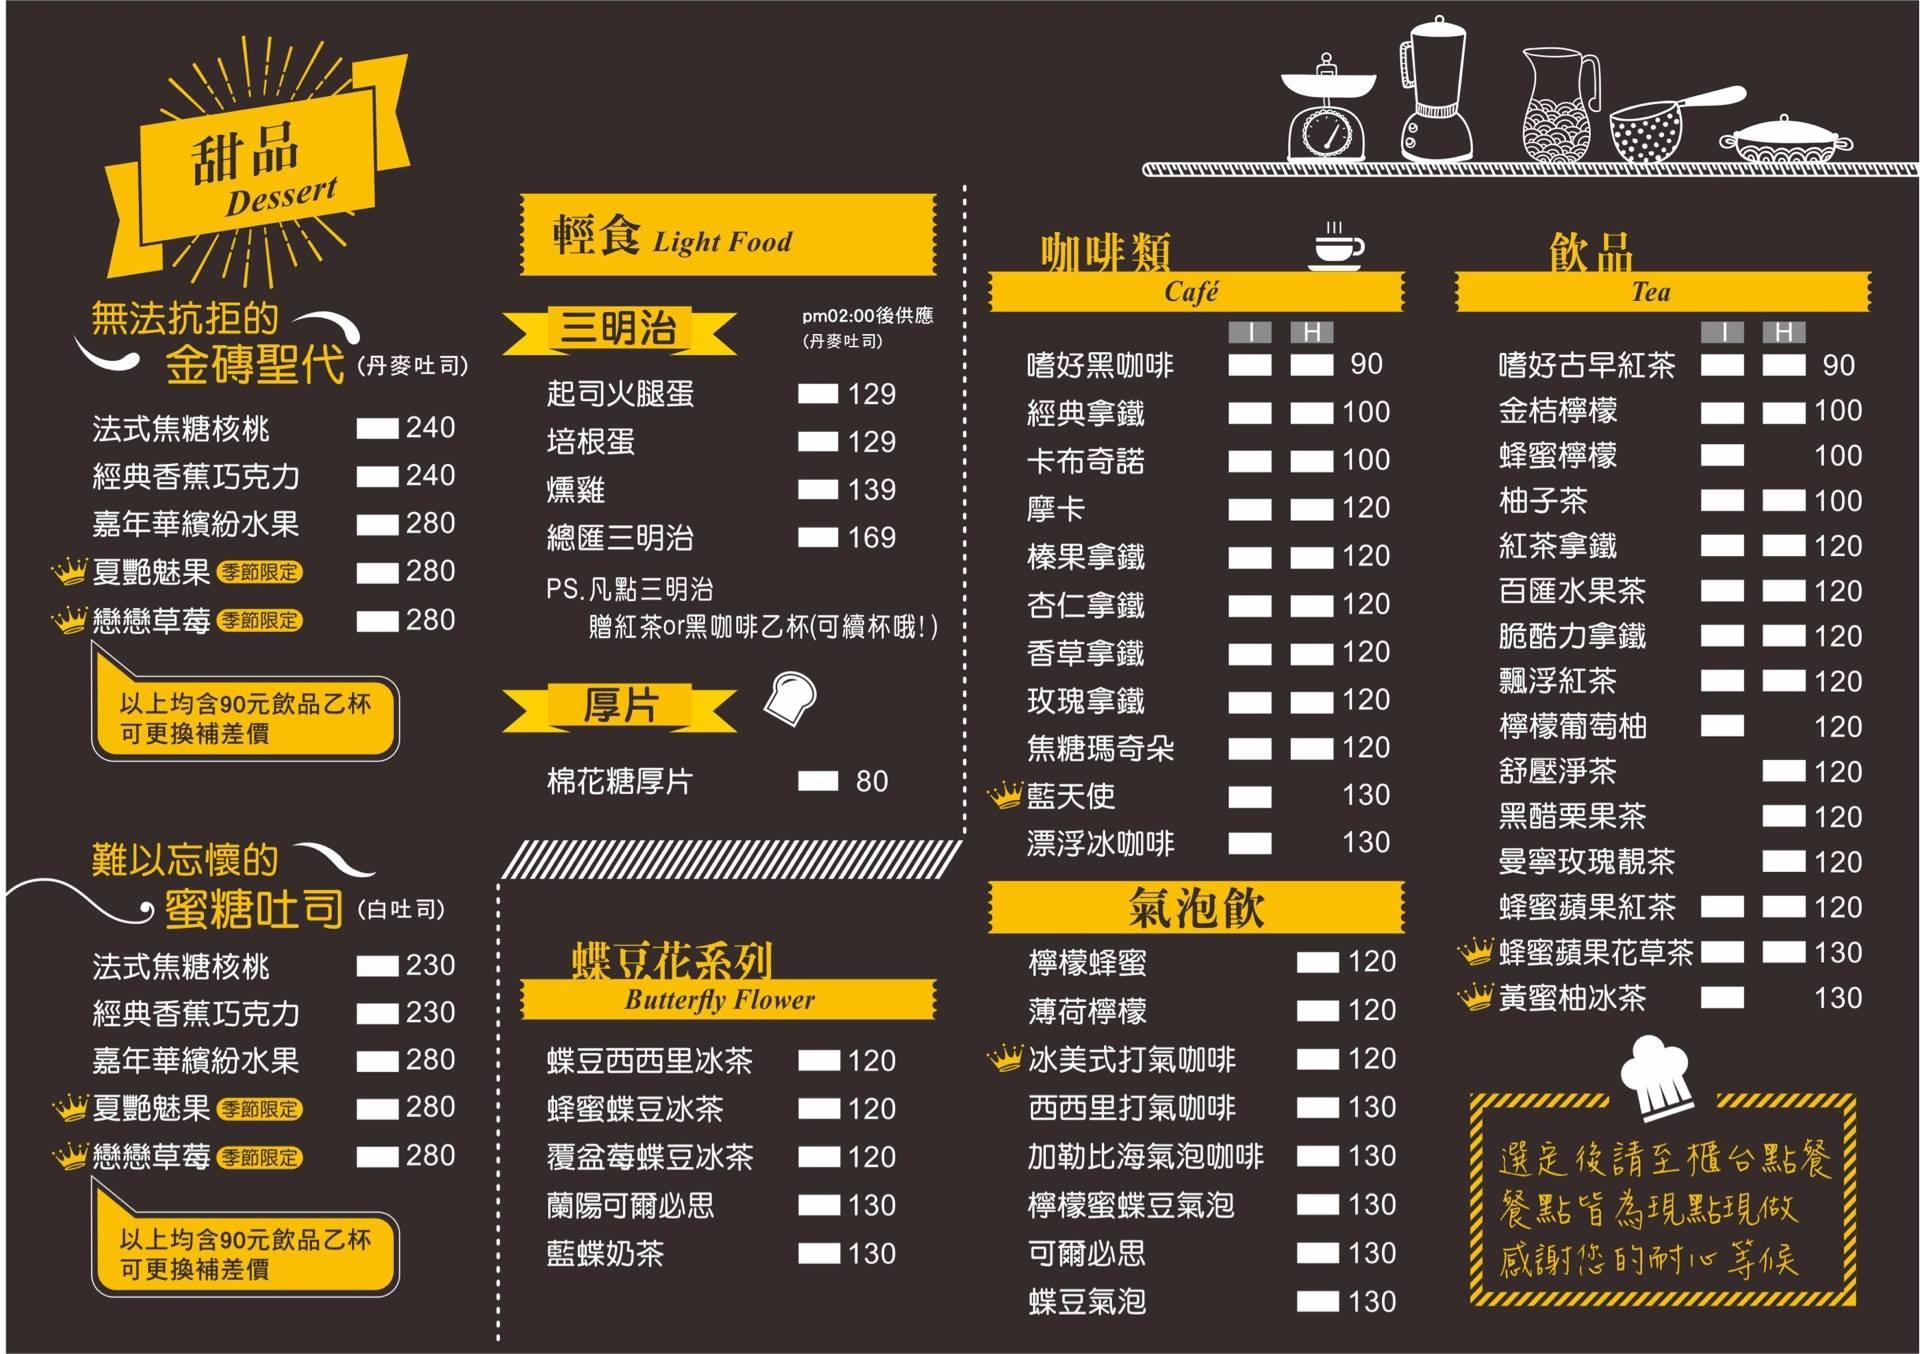 [高雄前鎮美食]嗜好咖啡坊-大貝殼裡的霸氣蛤蜊麵~夏季限定芒果金磚吐司 @美食好芃友